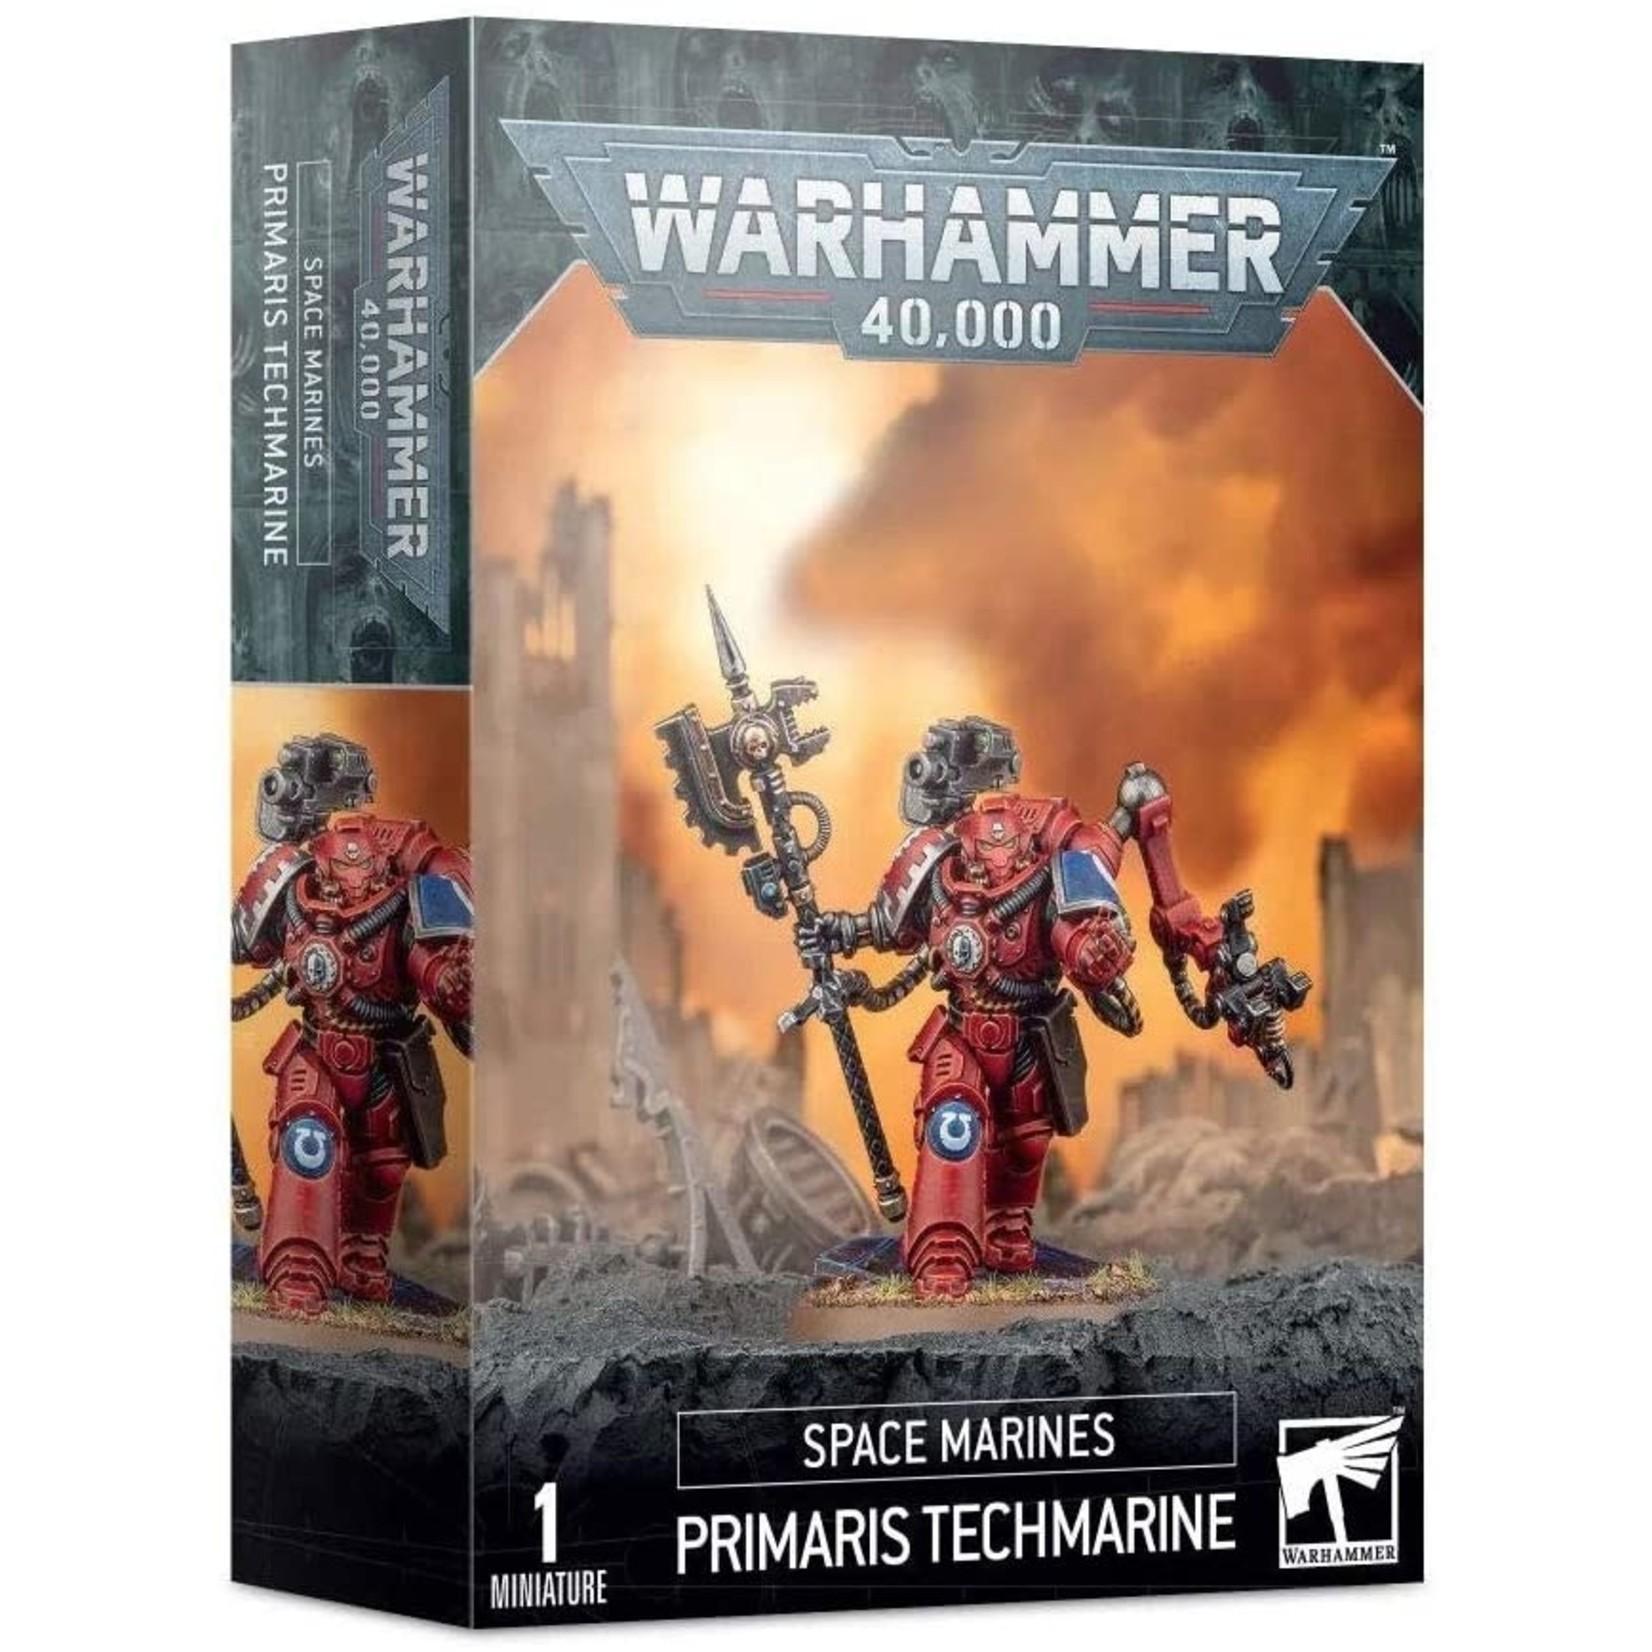 Games Workshop Warhammer 40k: Space Marines - Primaris Techmarine